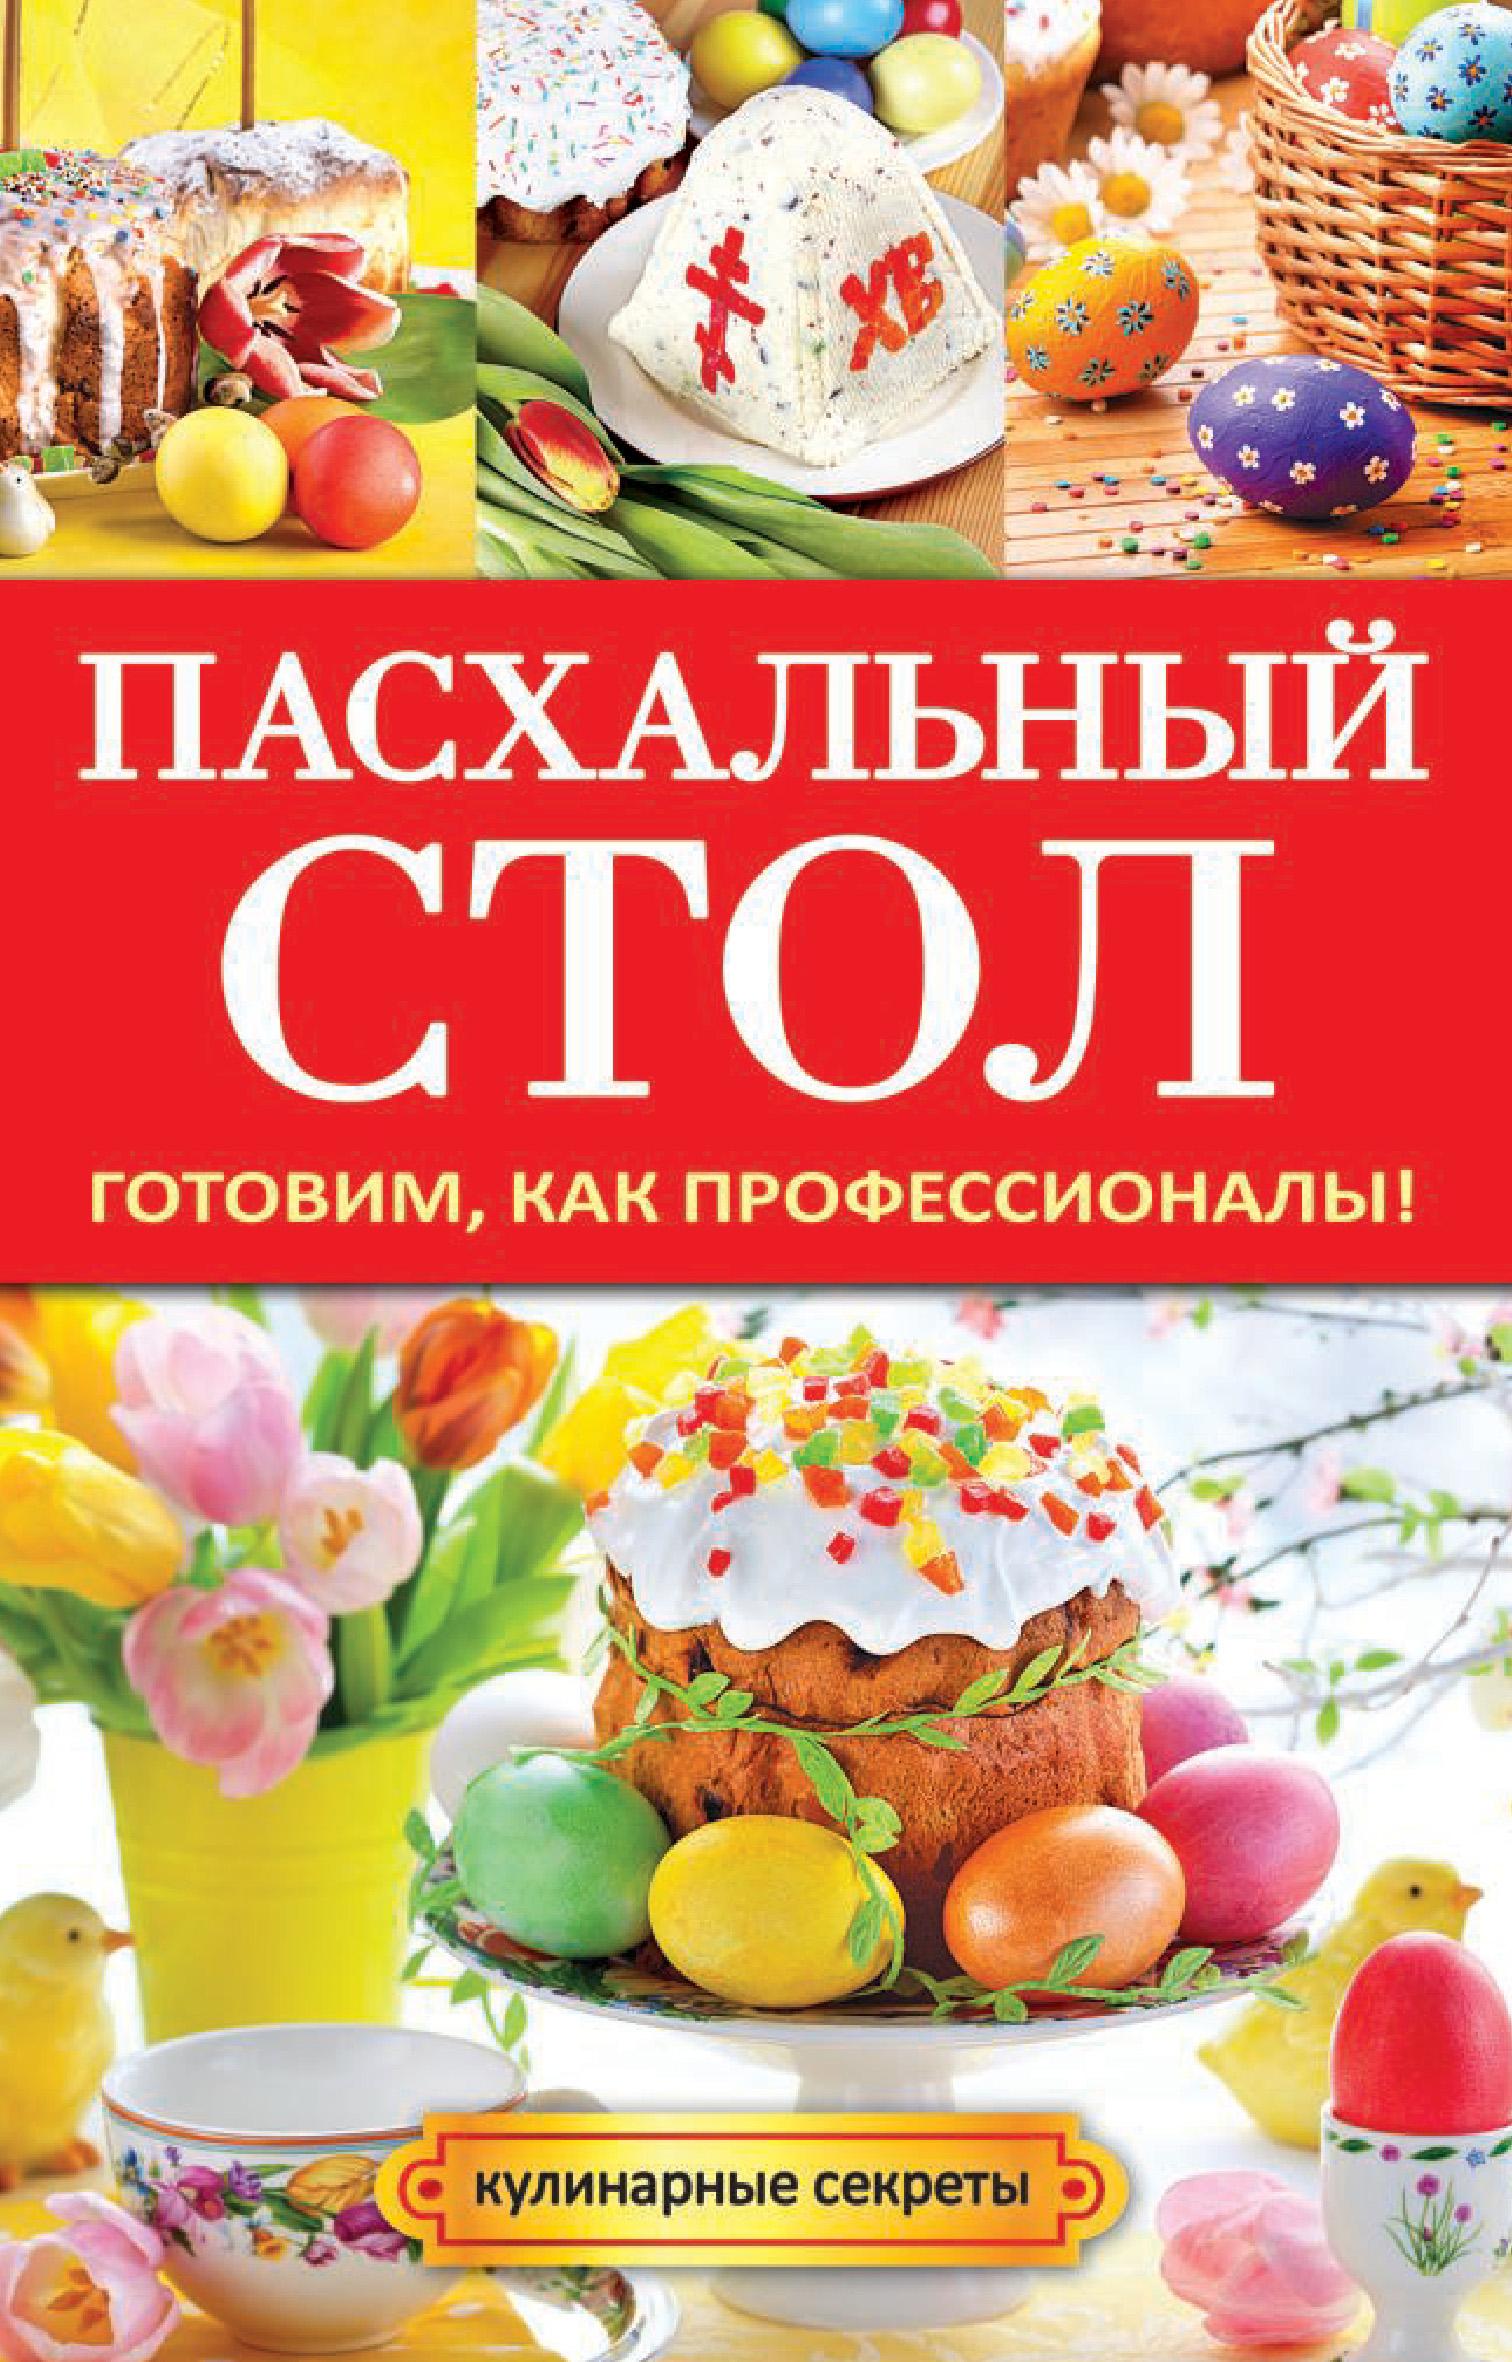 Анастасия Кривцова Пасхальный стол. Готовим, как профессионалы! пасхальный стол лучшие блюда к светлому празднику